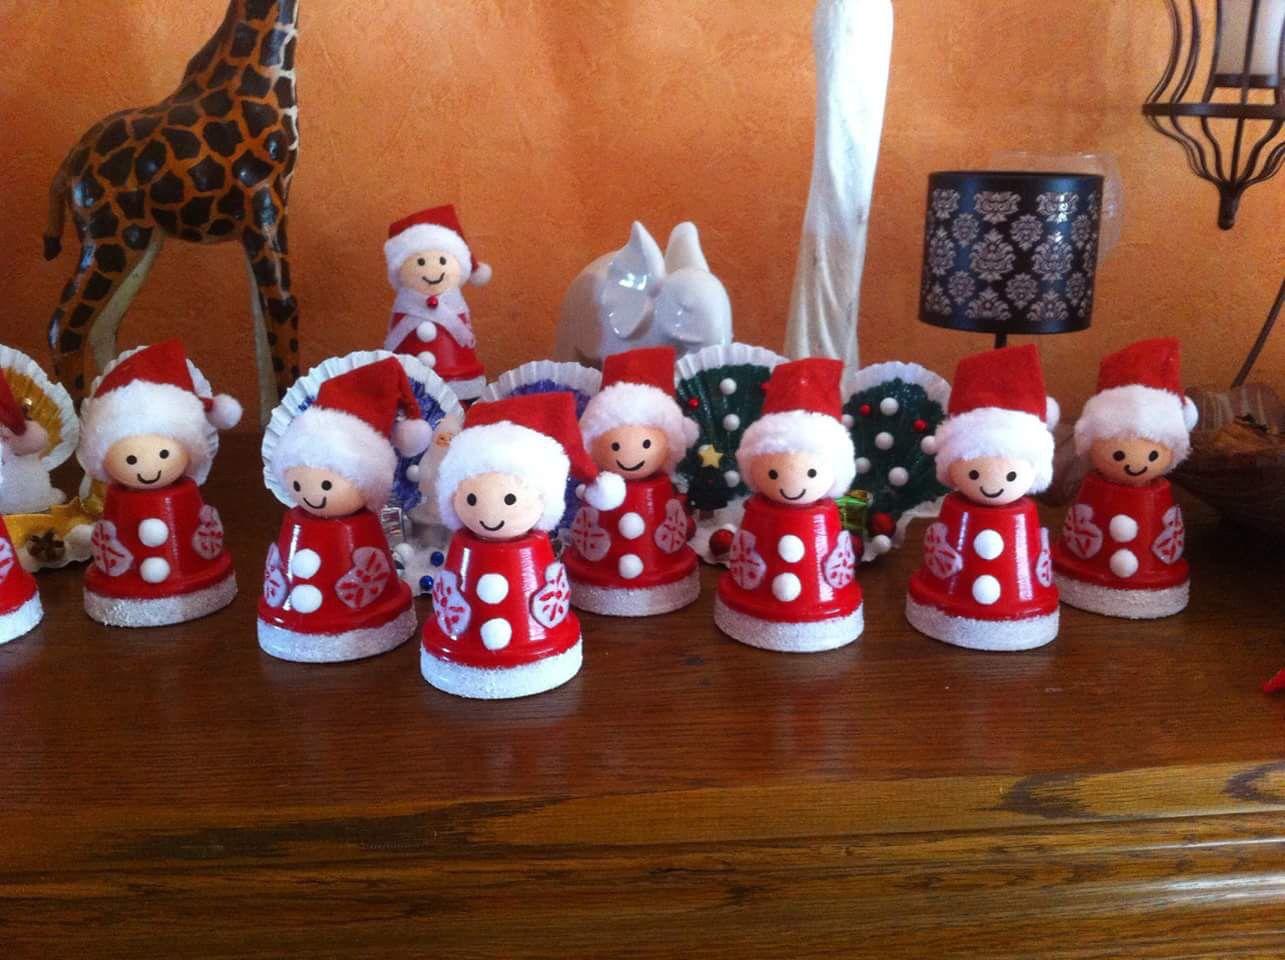 Dco de nol avec des capsules de caf  Dco Nol  Pinterest  Noel